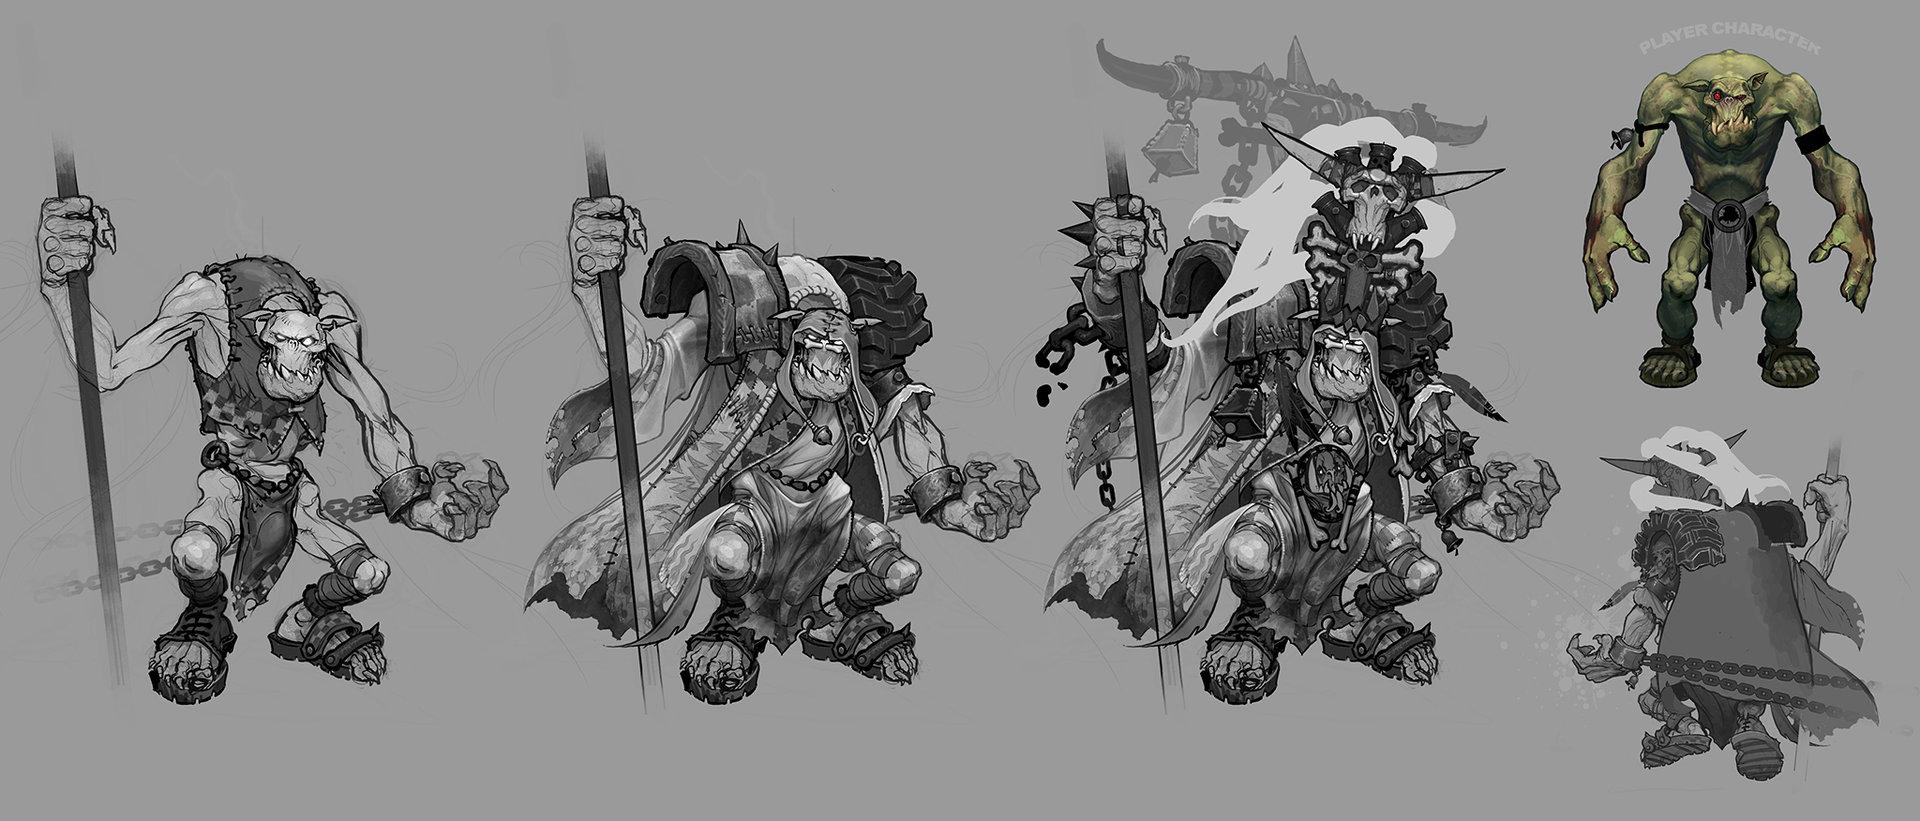 Here is what might have been a higher tier Ork Weirdboy armor set in Dark Millennium Online.